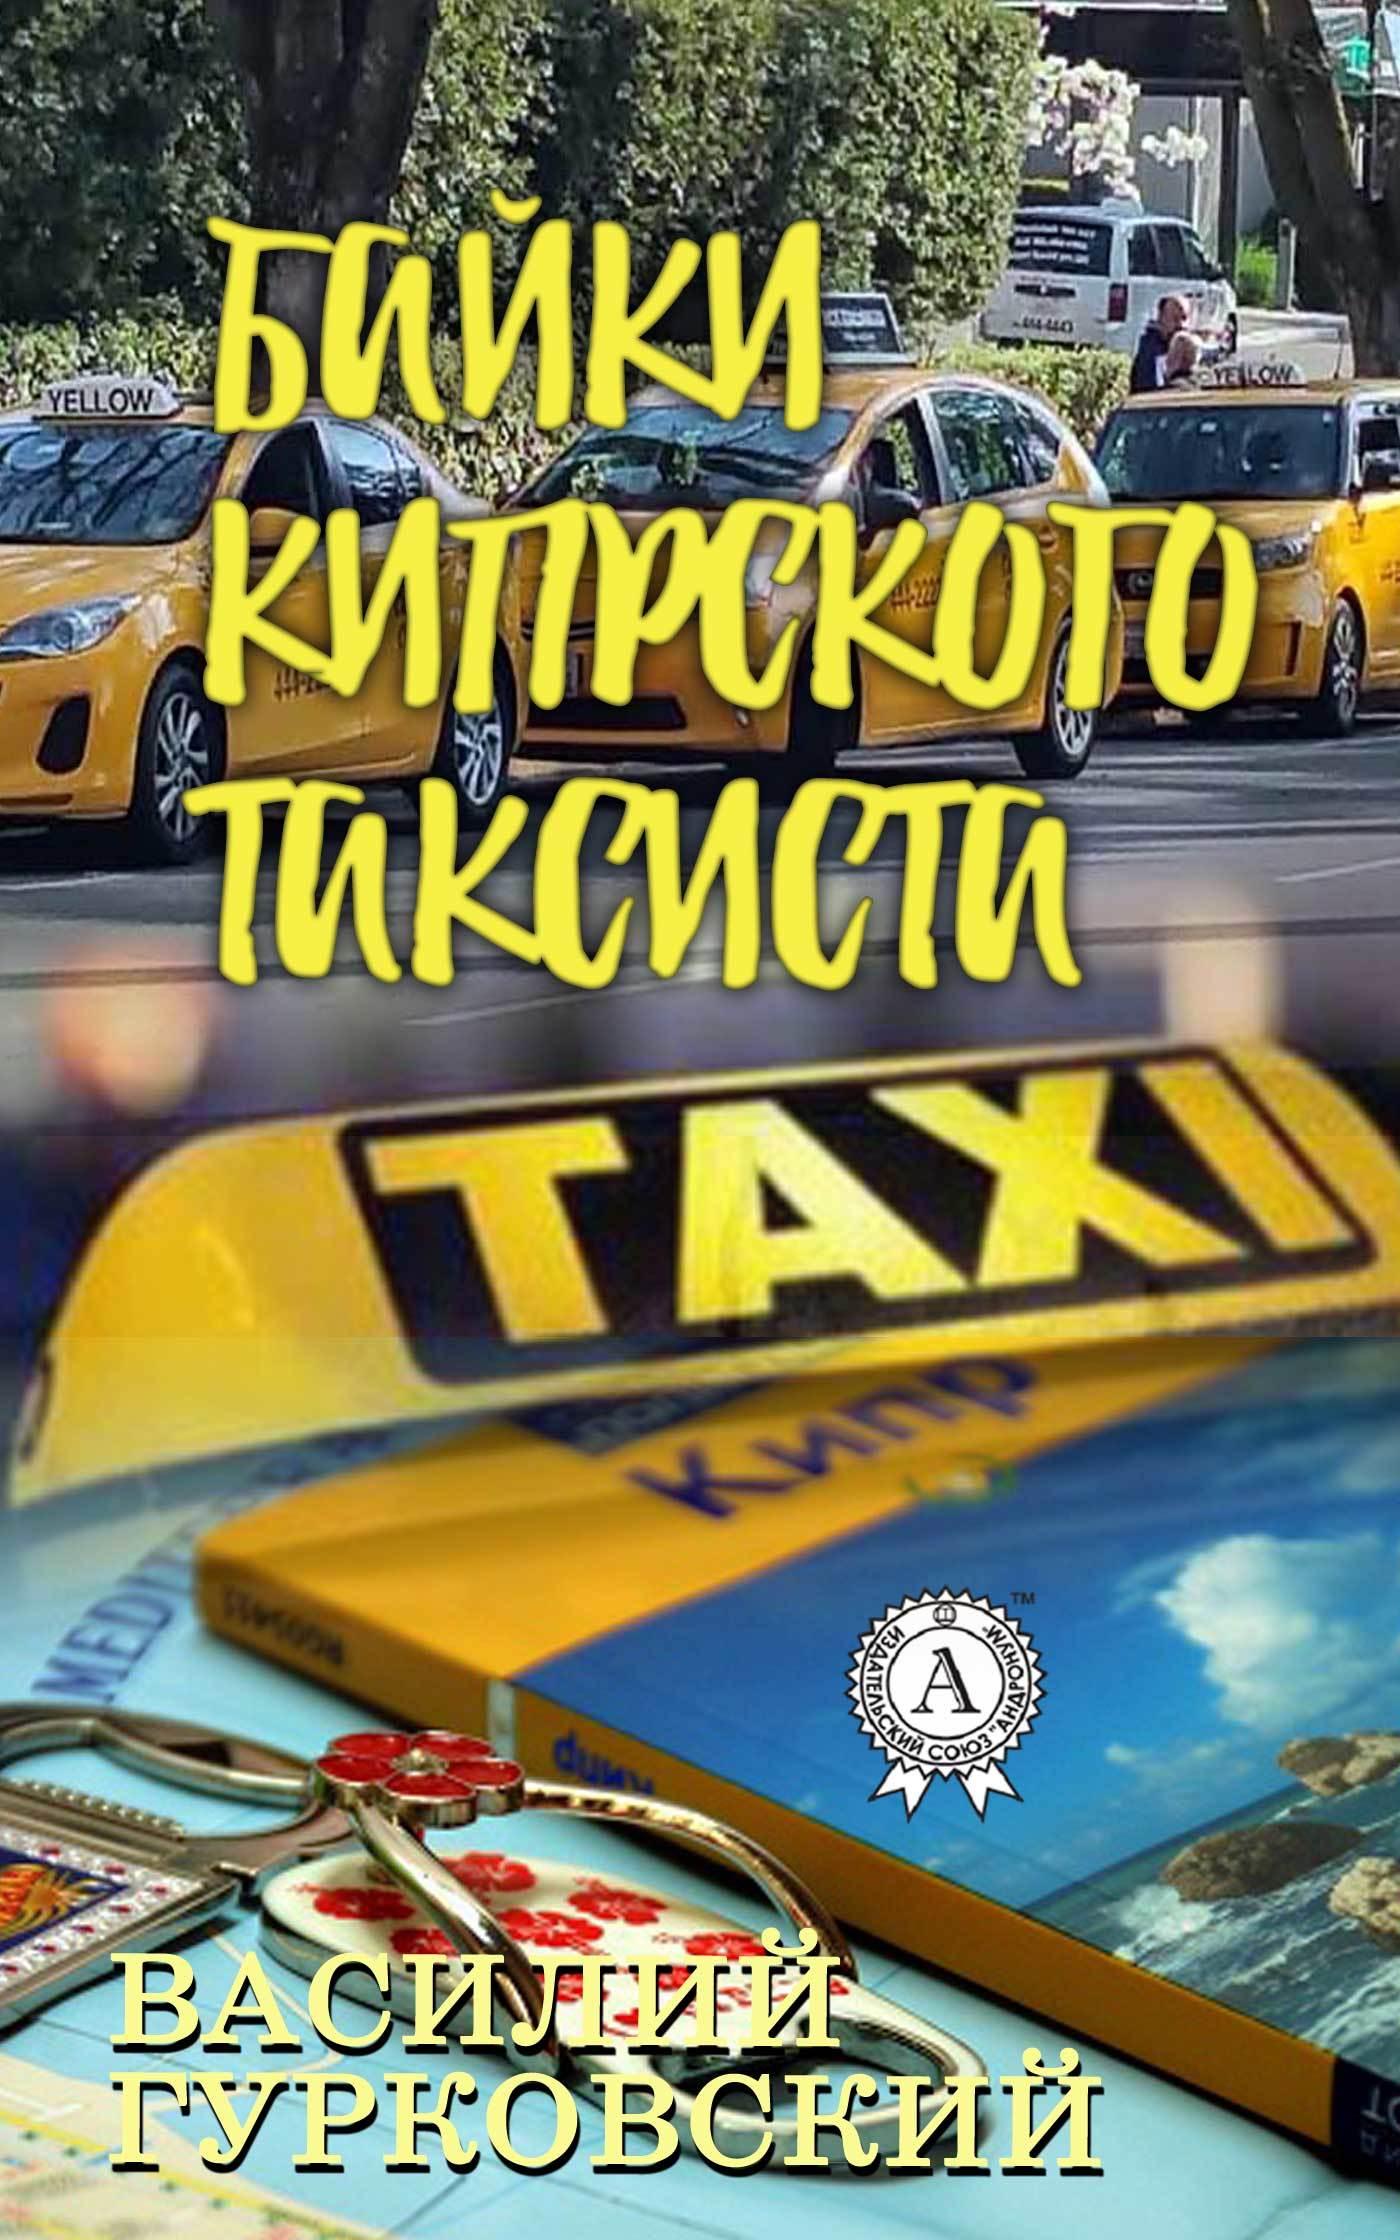 Байки кипрского таксиста